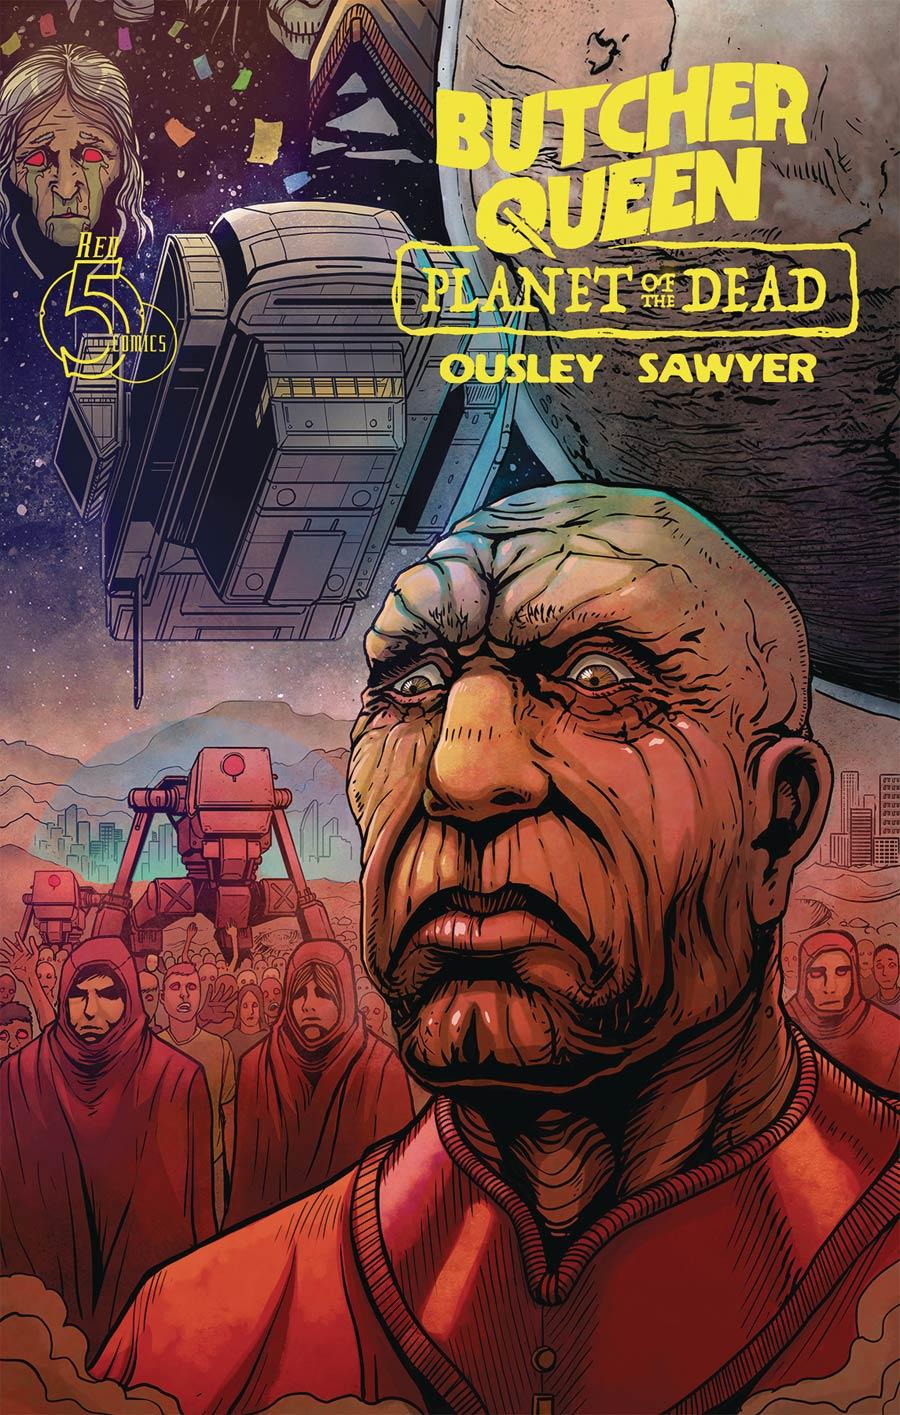 Butcher Queen Planet Of The Dead #3